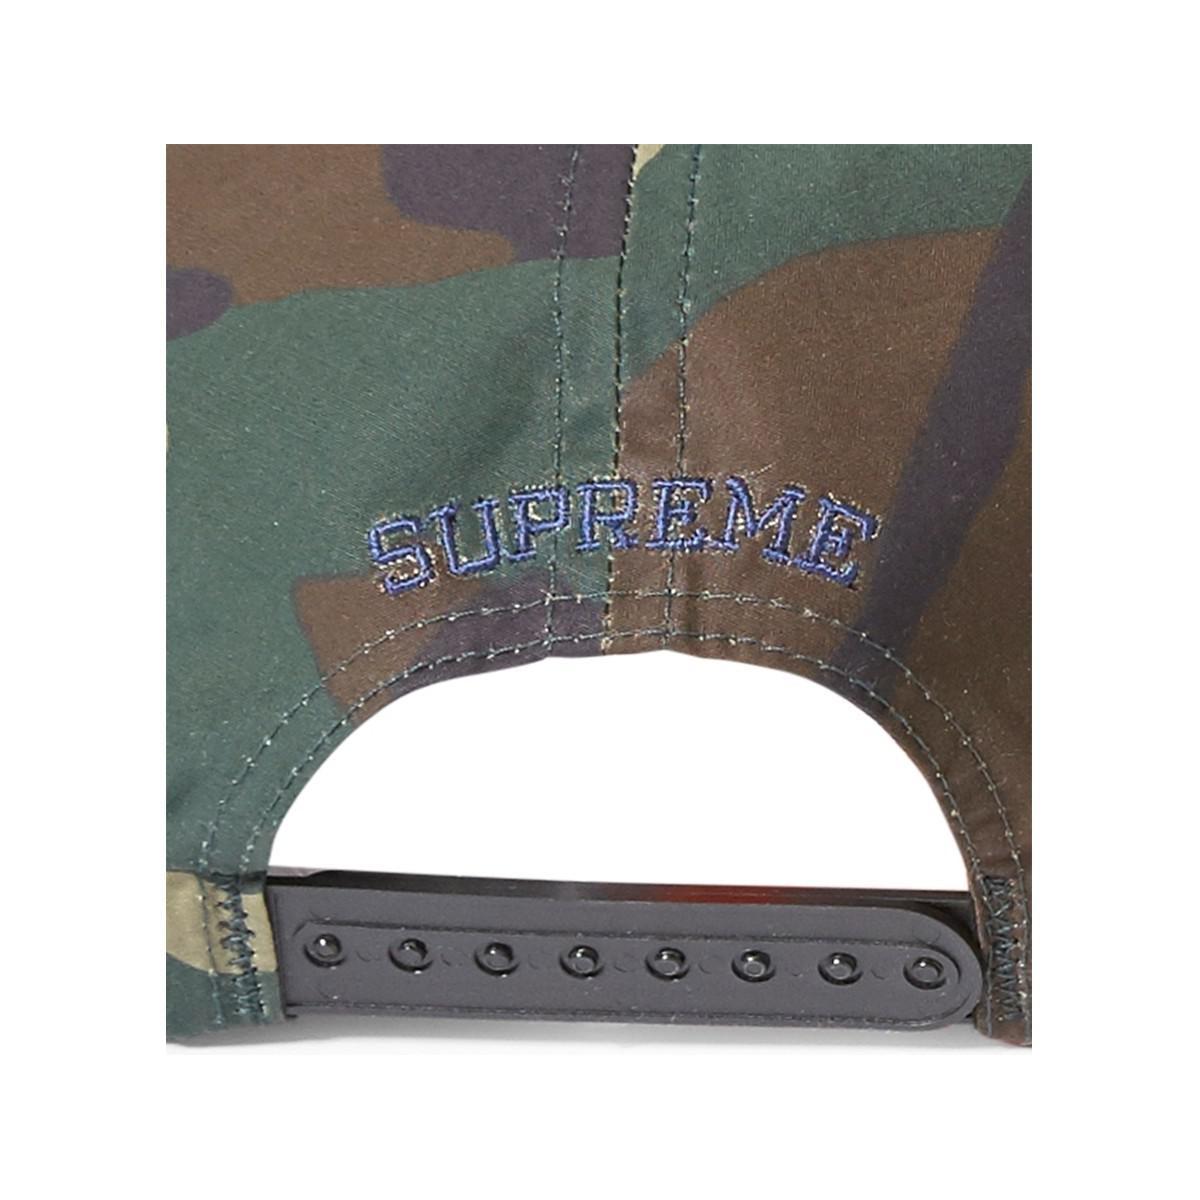 8a352b15083 Supreme X Budweiser 2009 Snapback Cap Camo Men s Cap In Green in ...